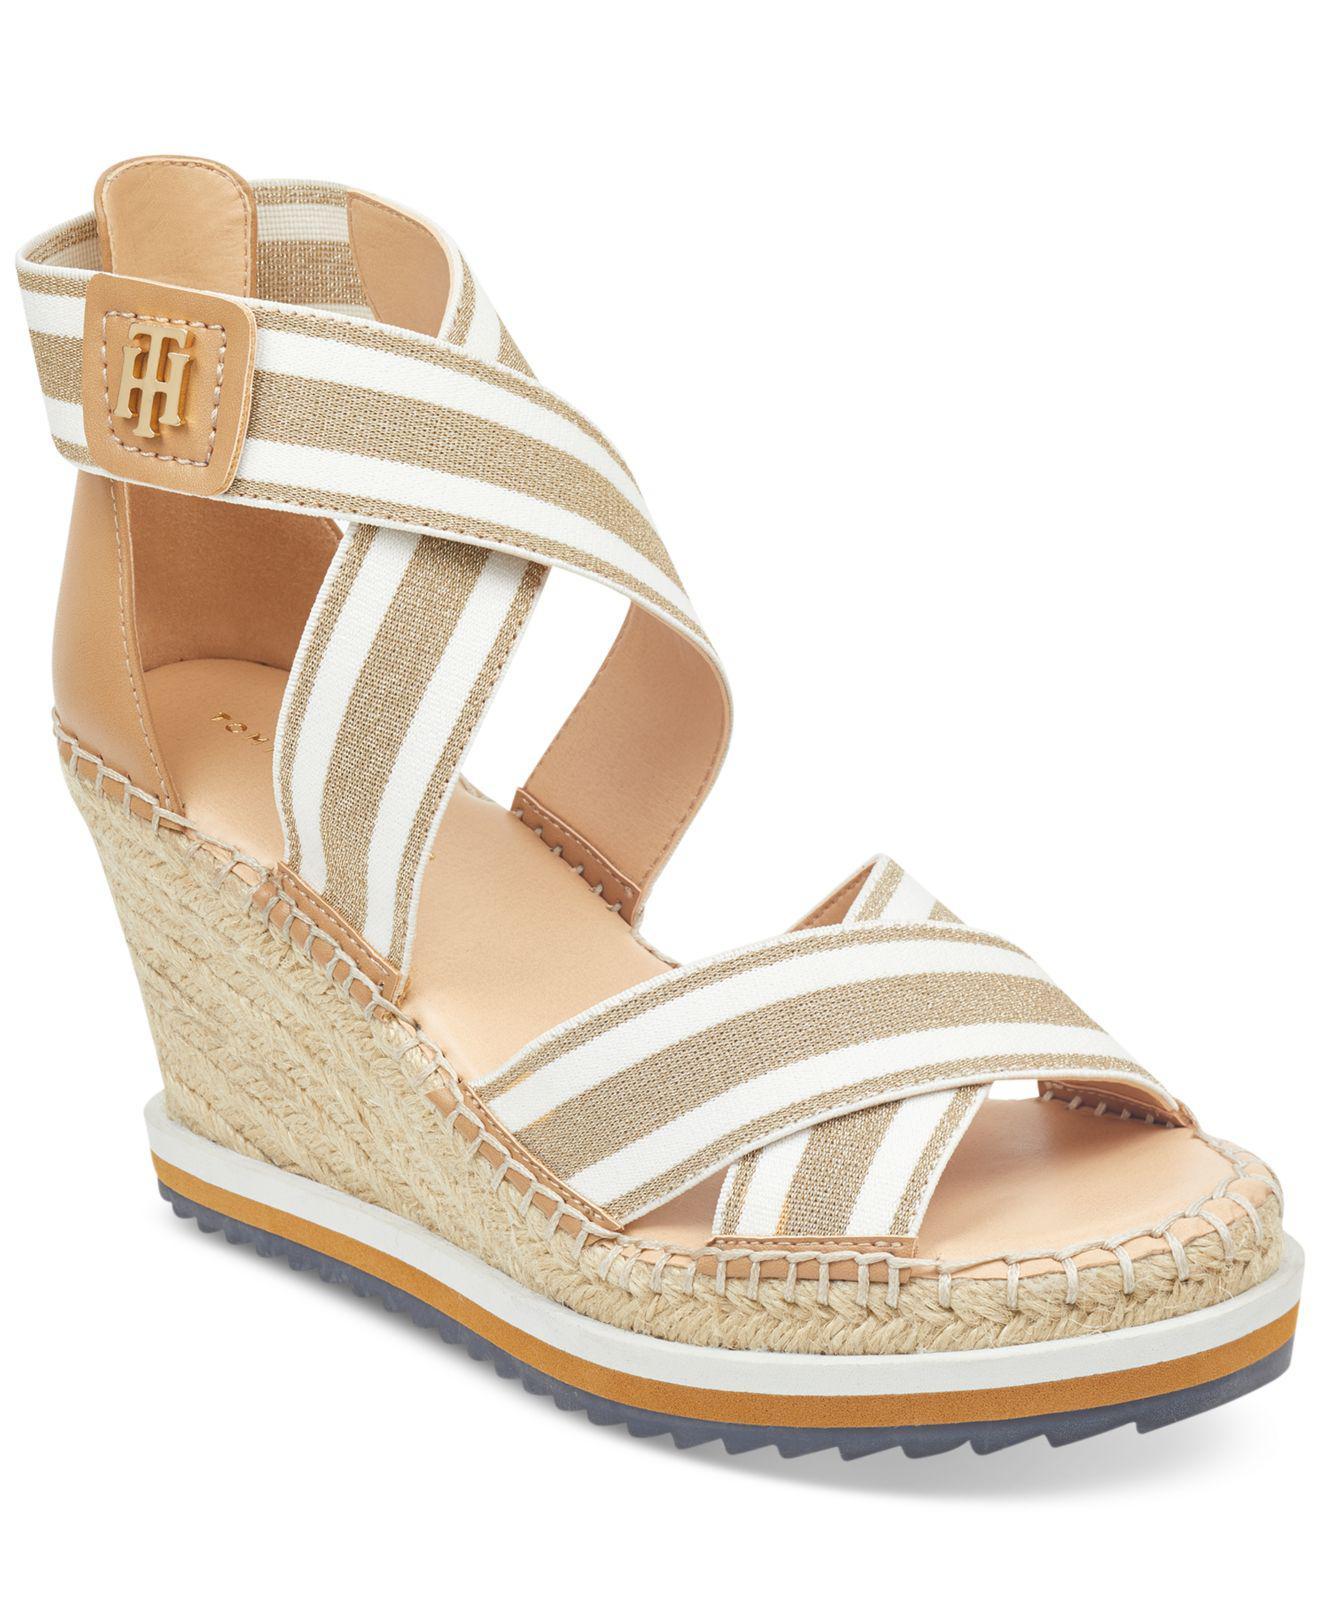 Tommy Hilfiger. Women's Metallic Yesia Espadrille Platform Wedge Sandals ...